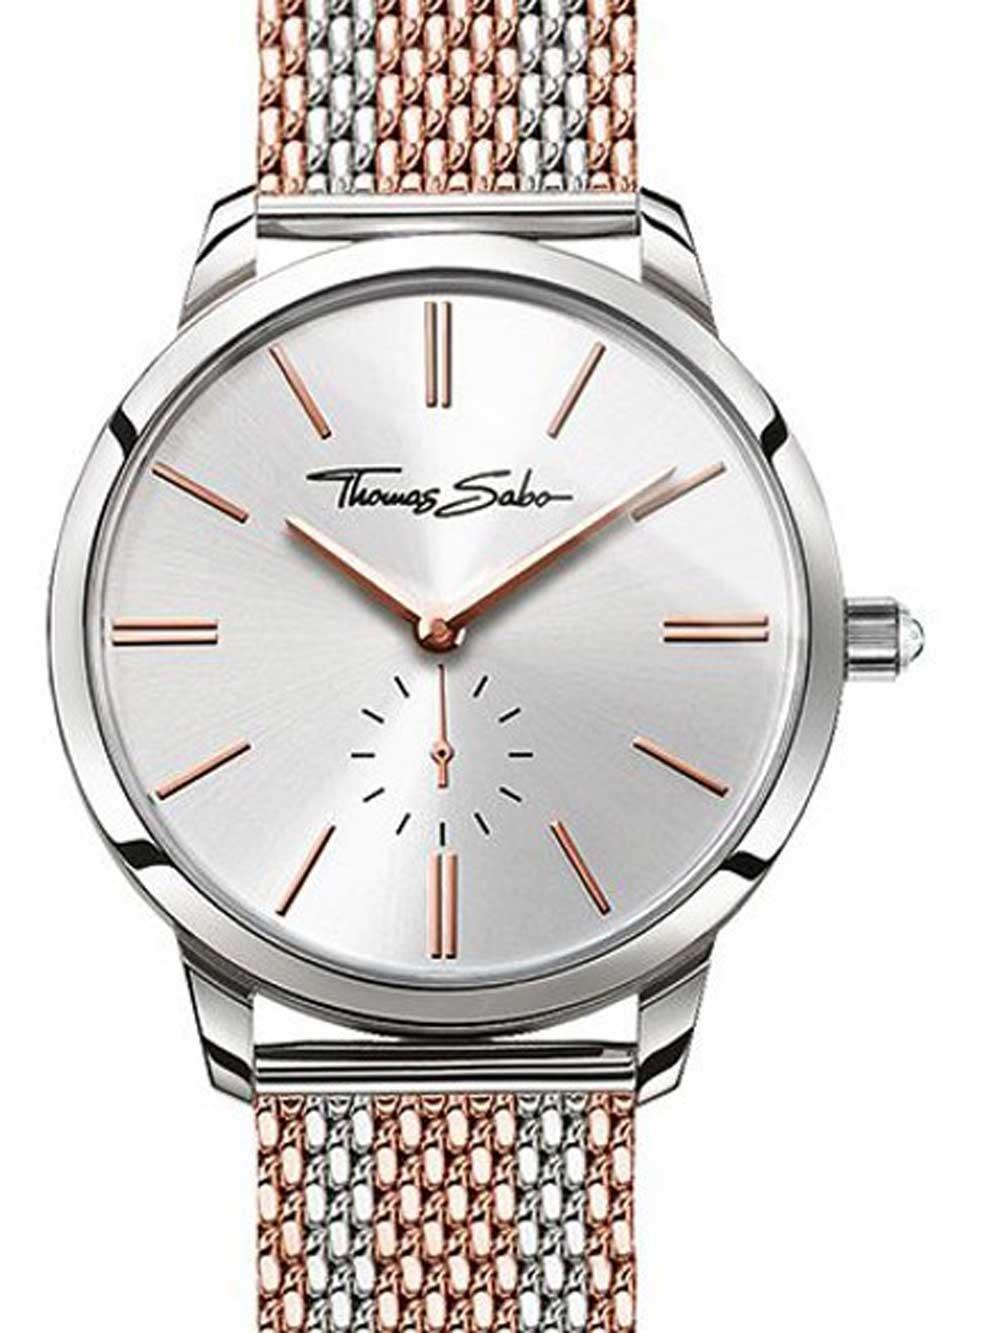 Thomas Sabo WA0273-283-201 Glam Spirit Damen 33mm 5ATM